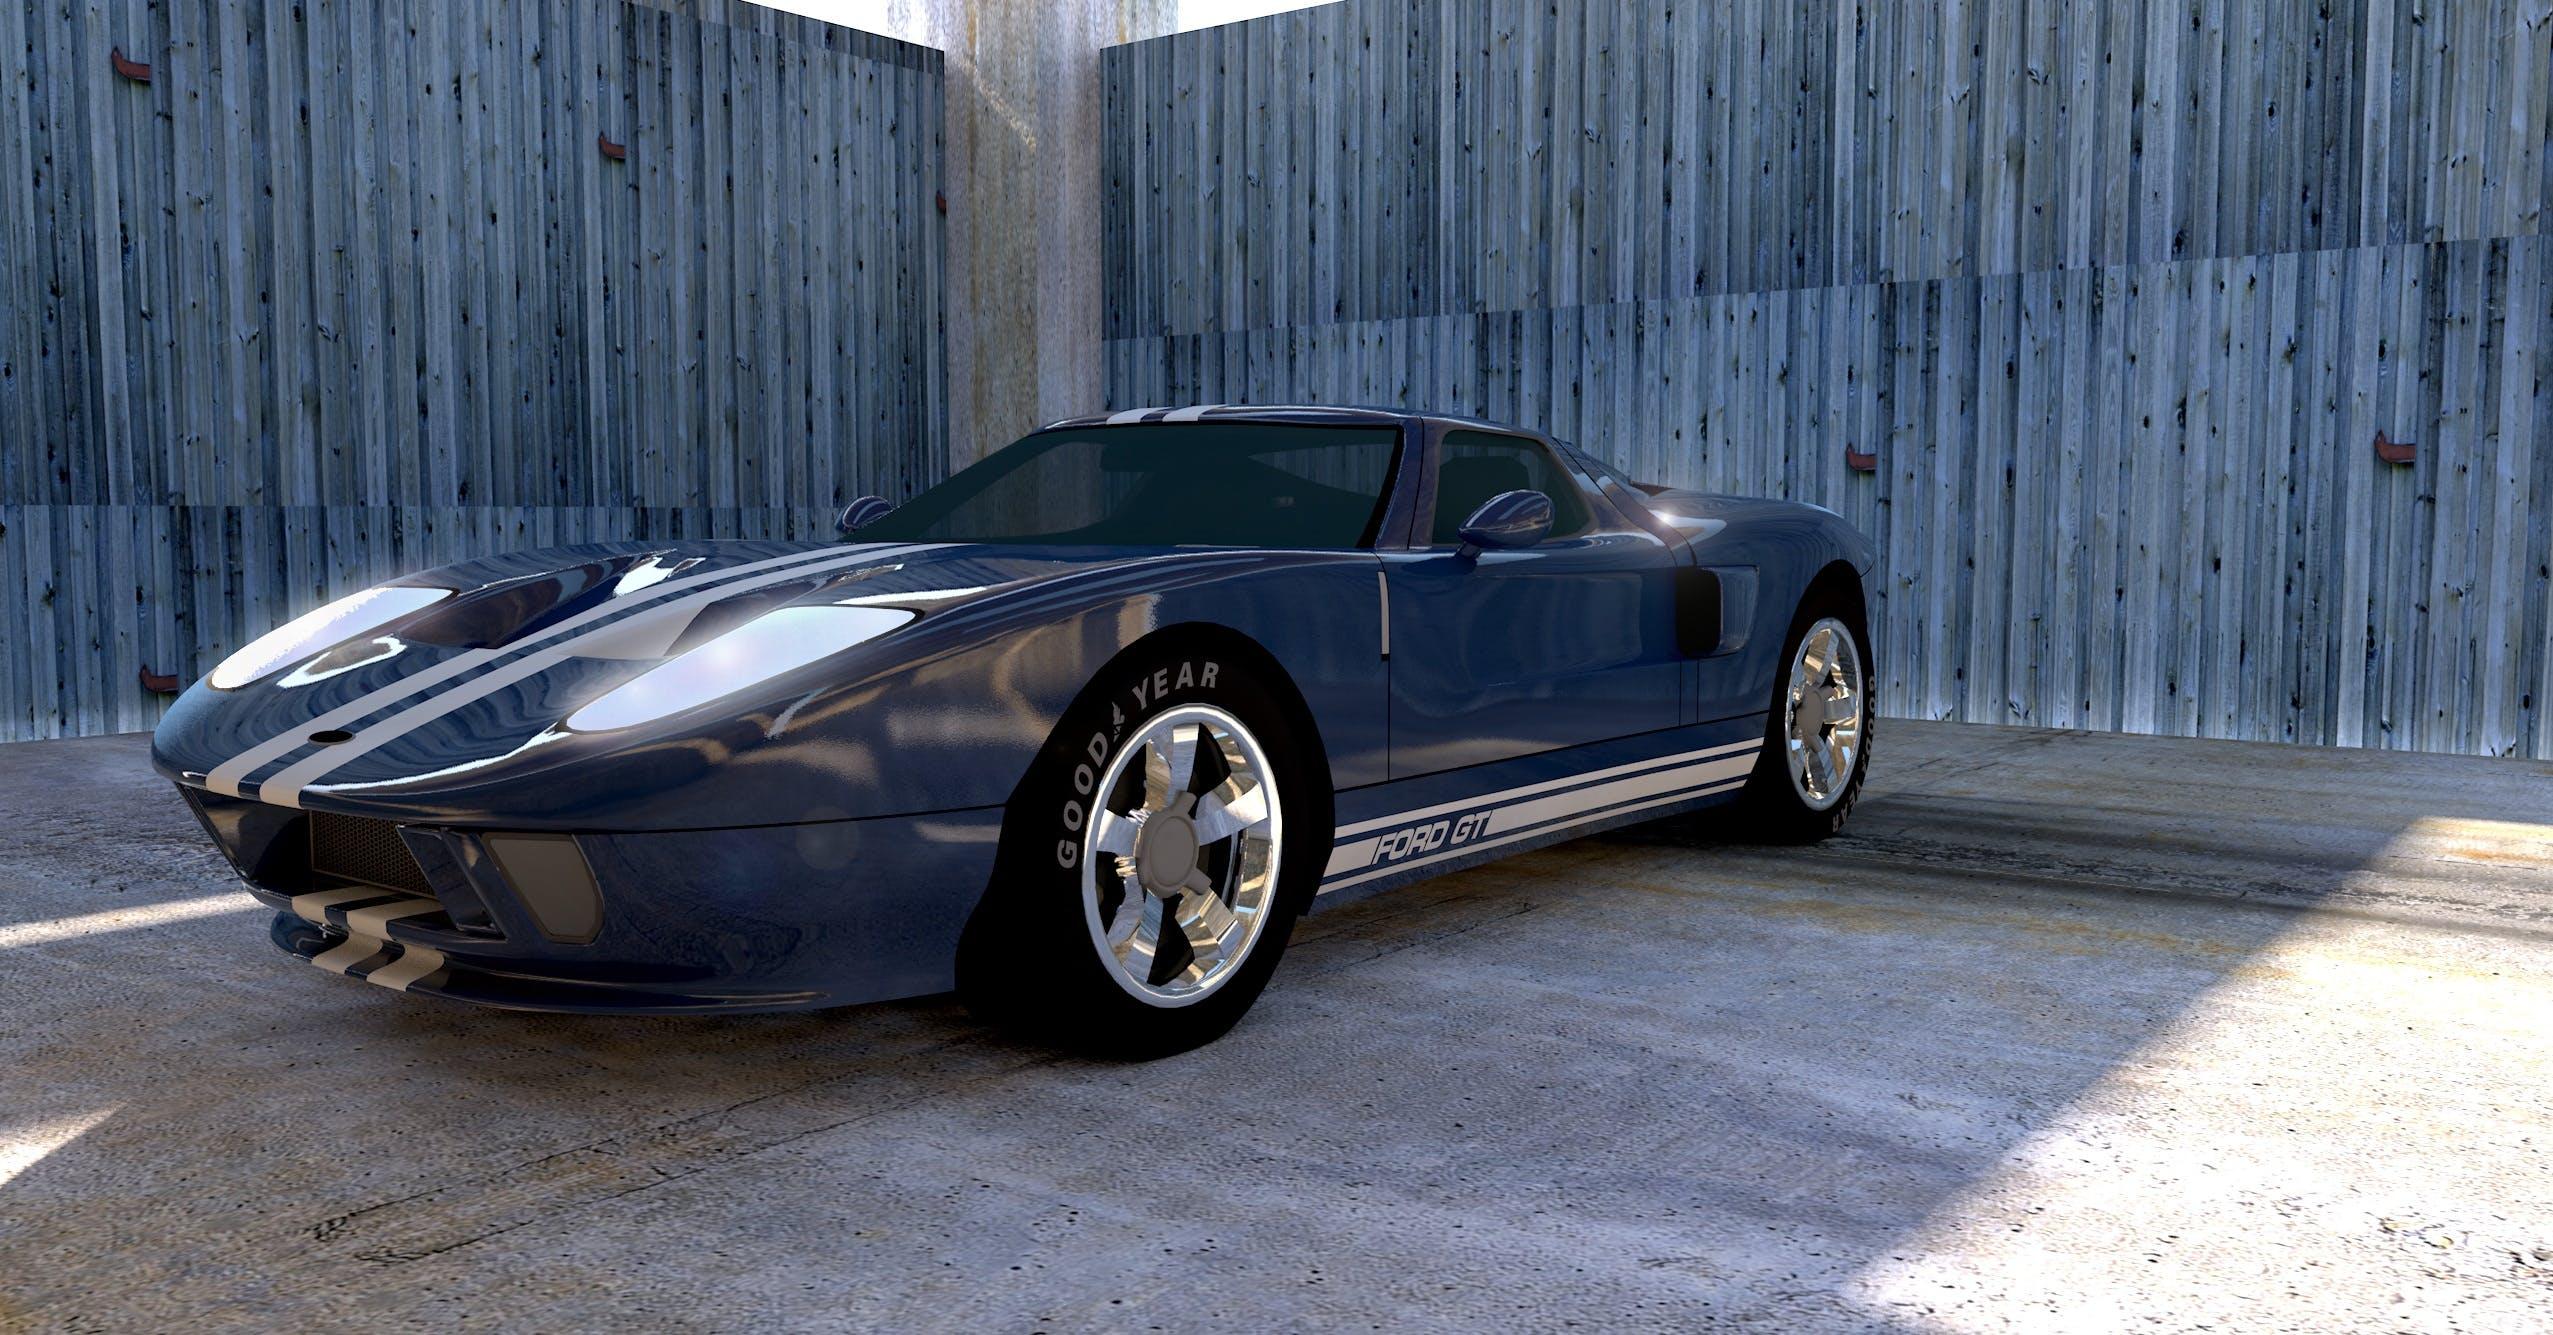 Gratis lagerfoto af asfalt, bil, Cabriolet, coupe